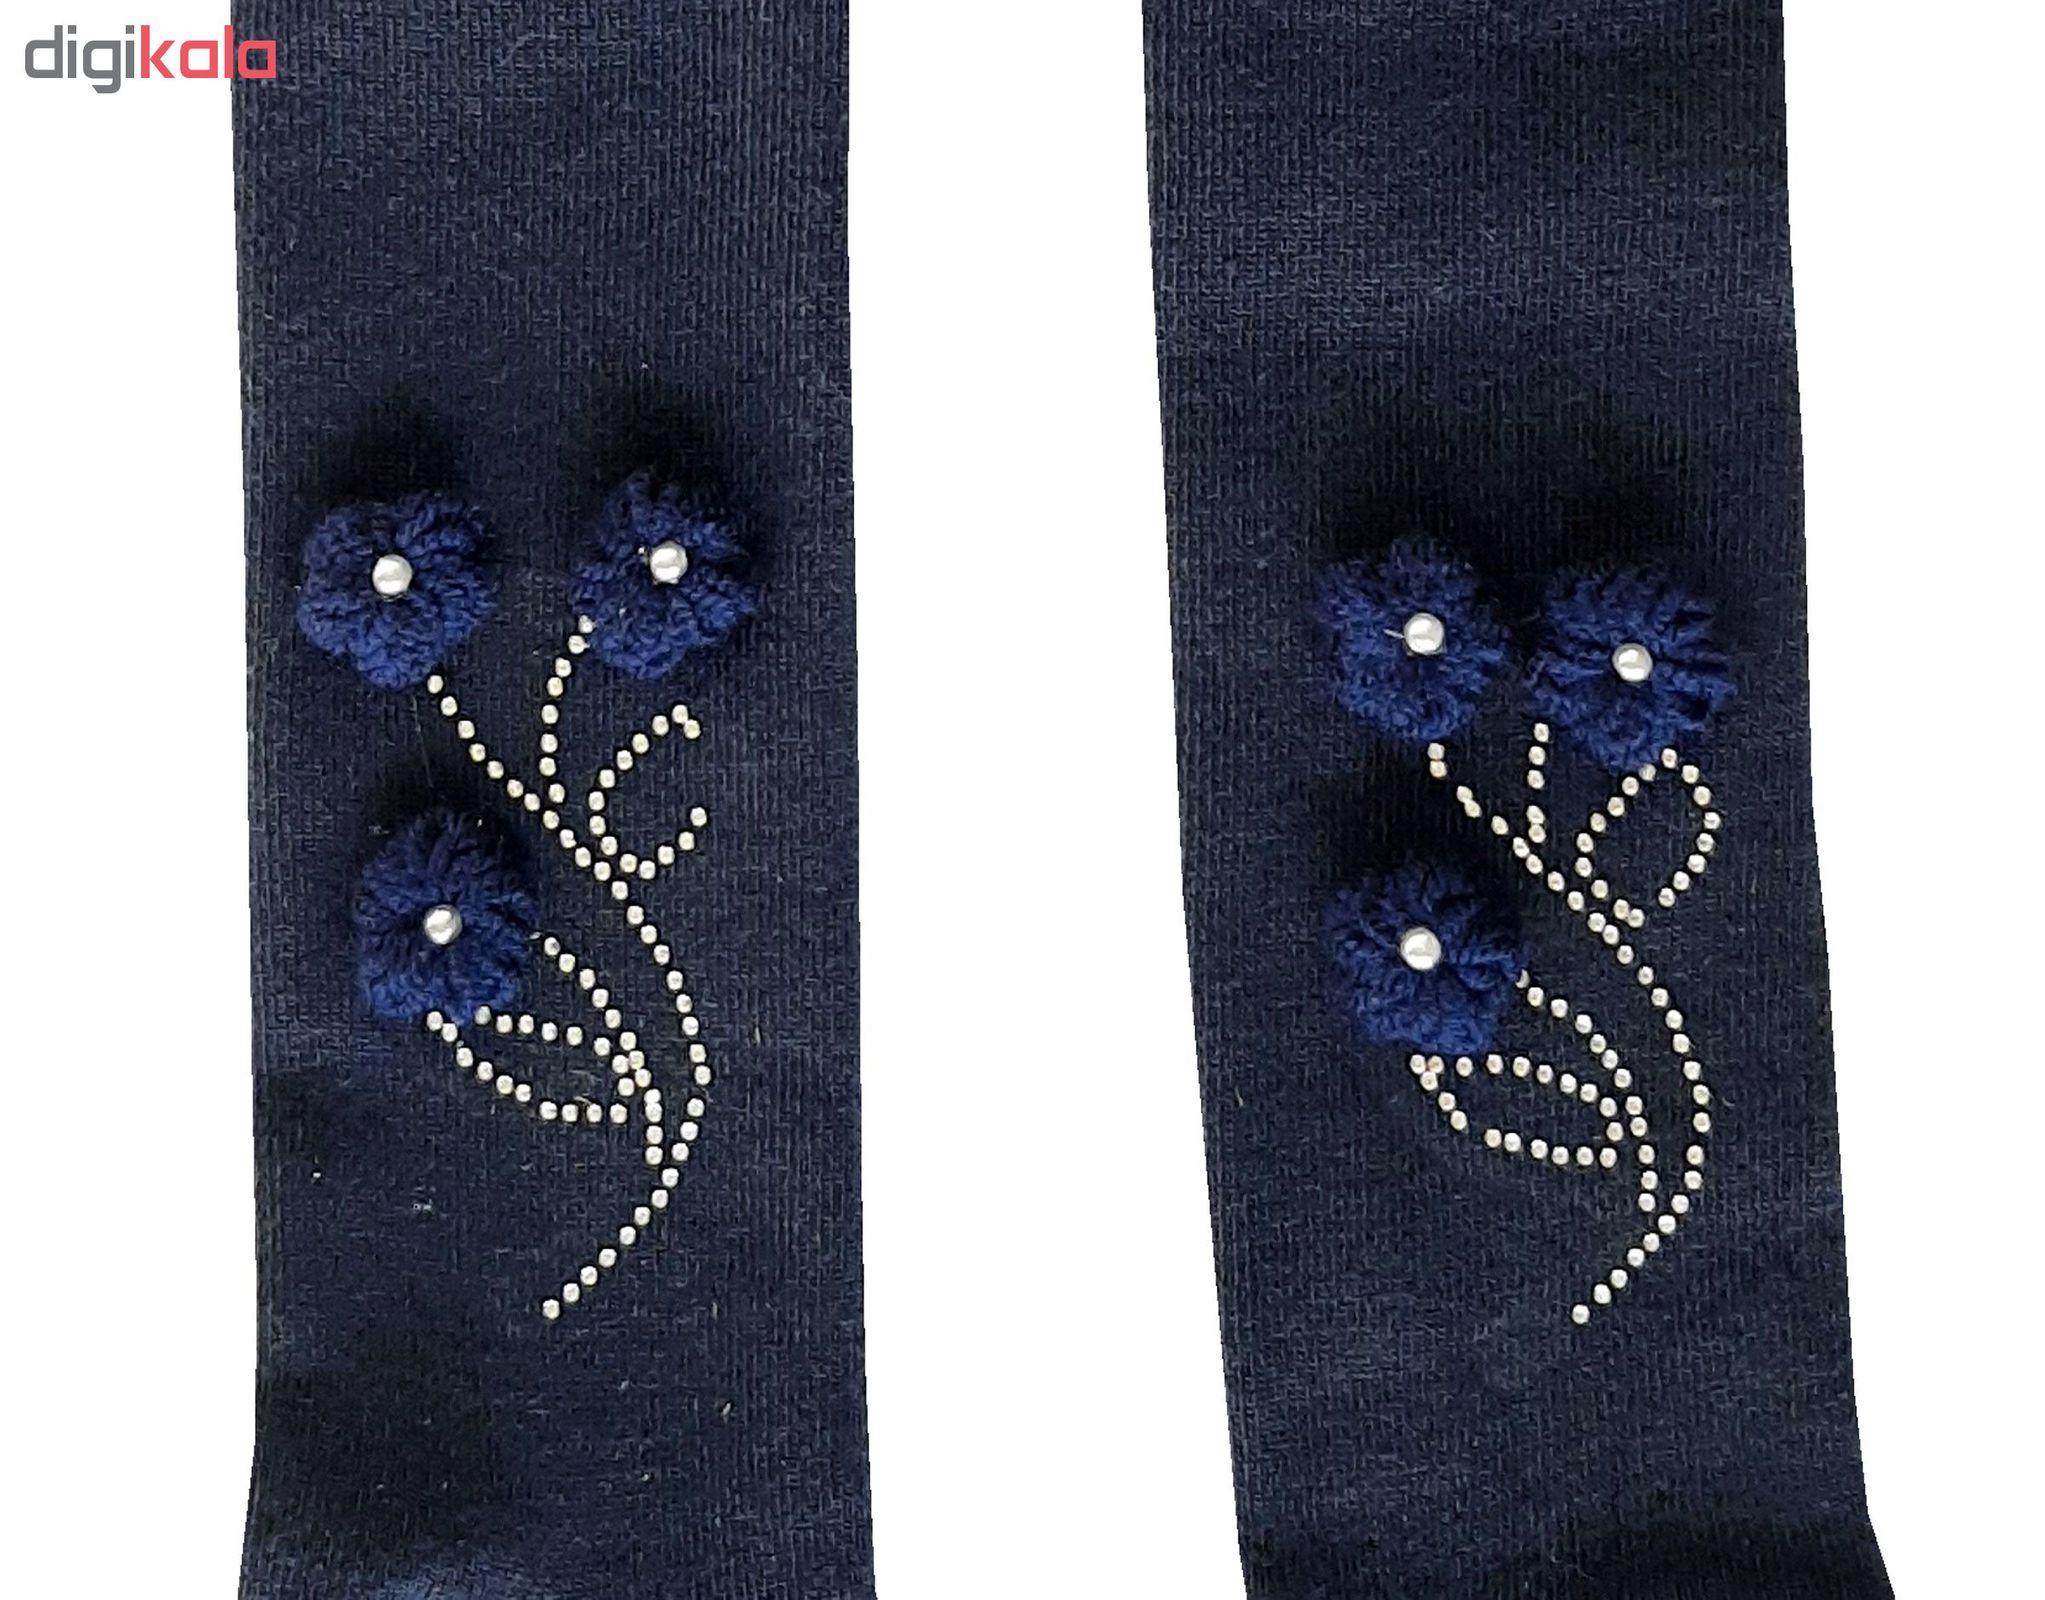 جوراب شلواری دخترانه کد 2200 رنگ سورمه ای main 1 2